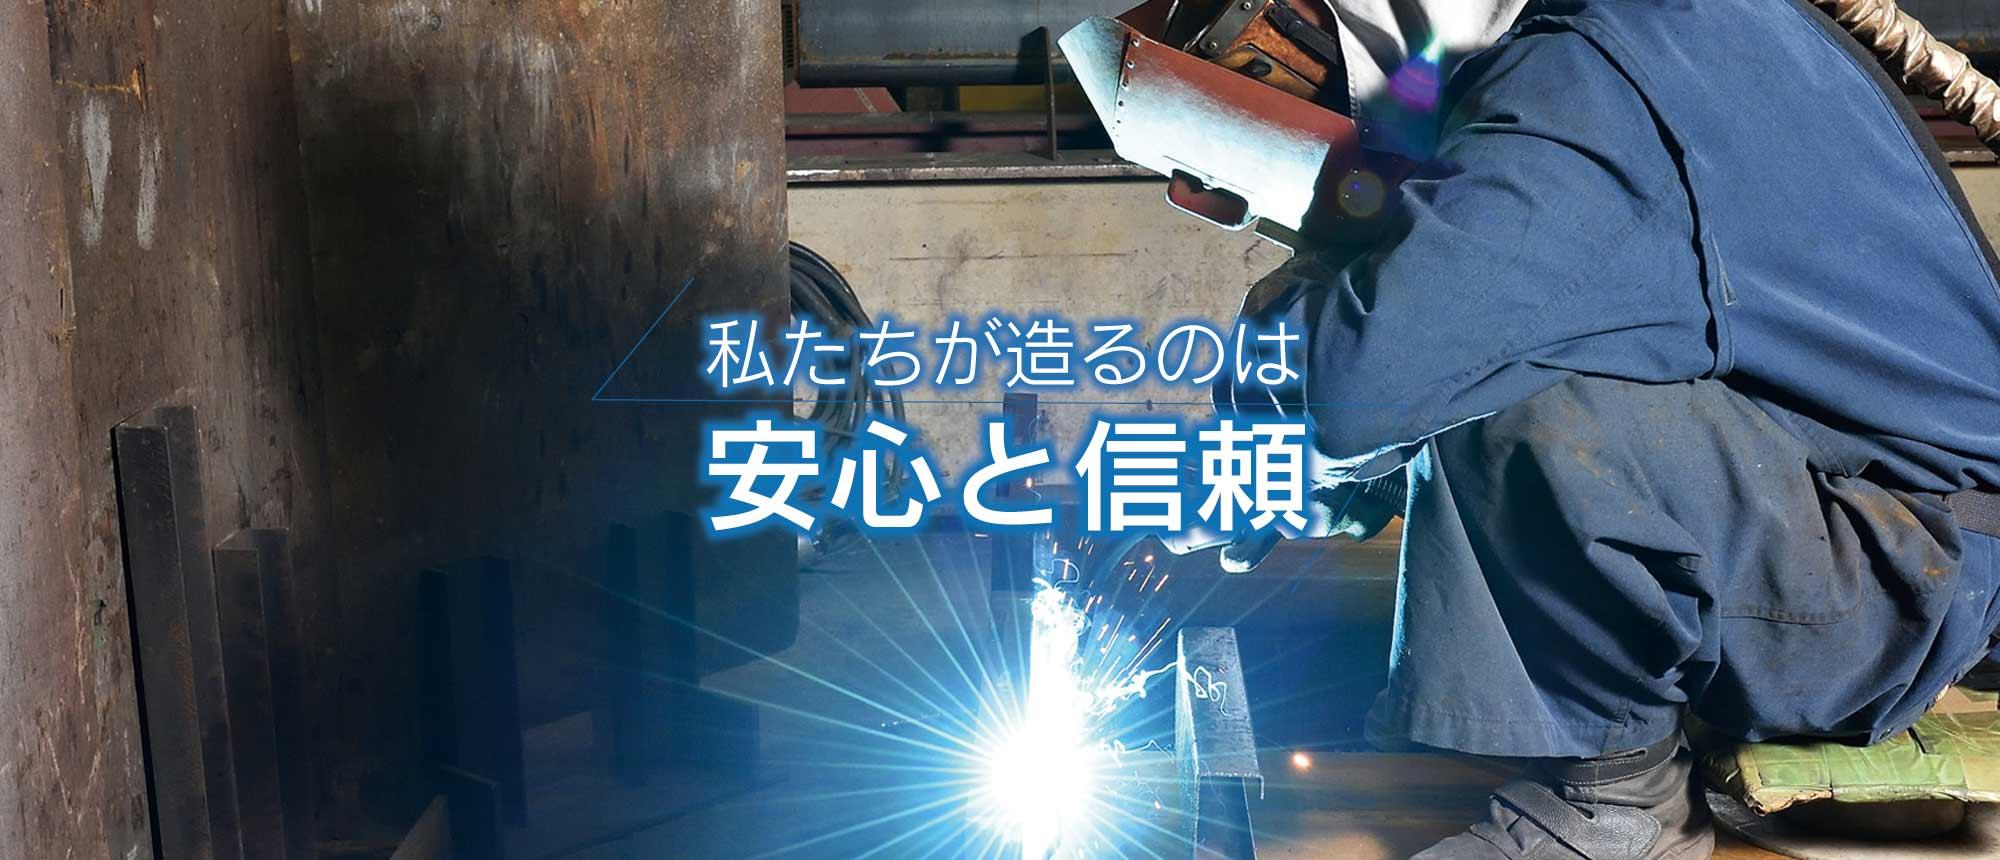 佐々木鉄工所が造るのは安心と信頼